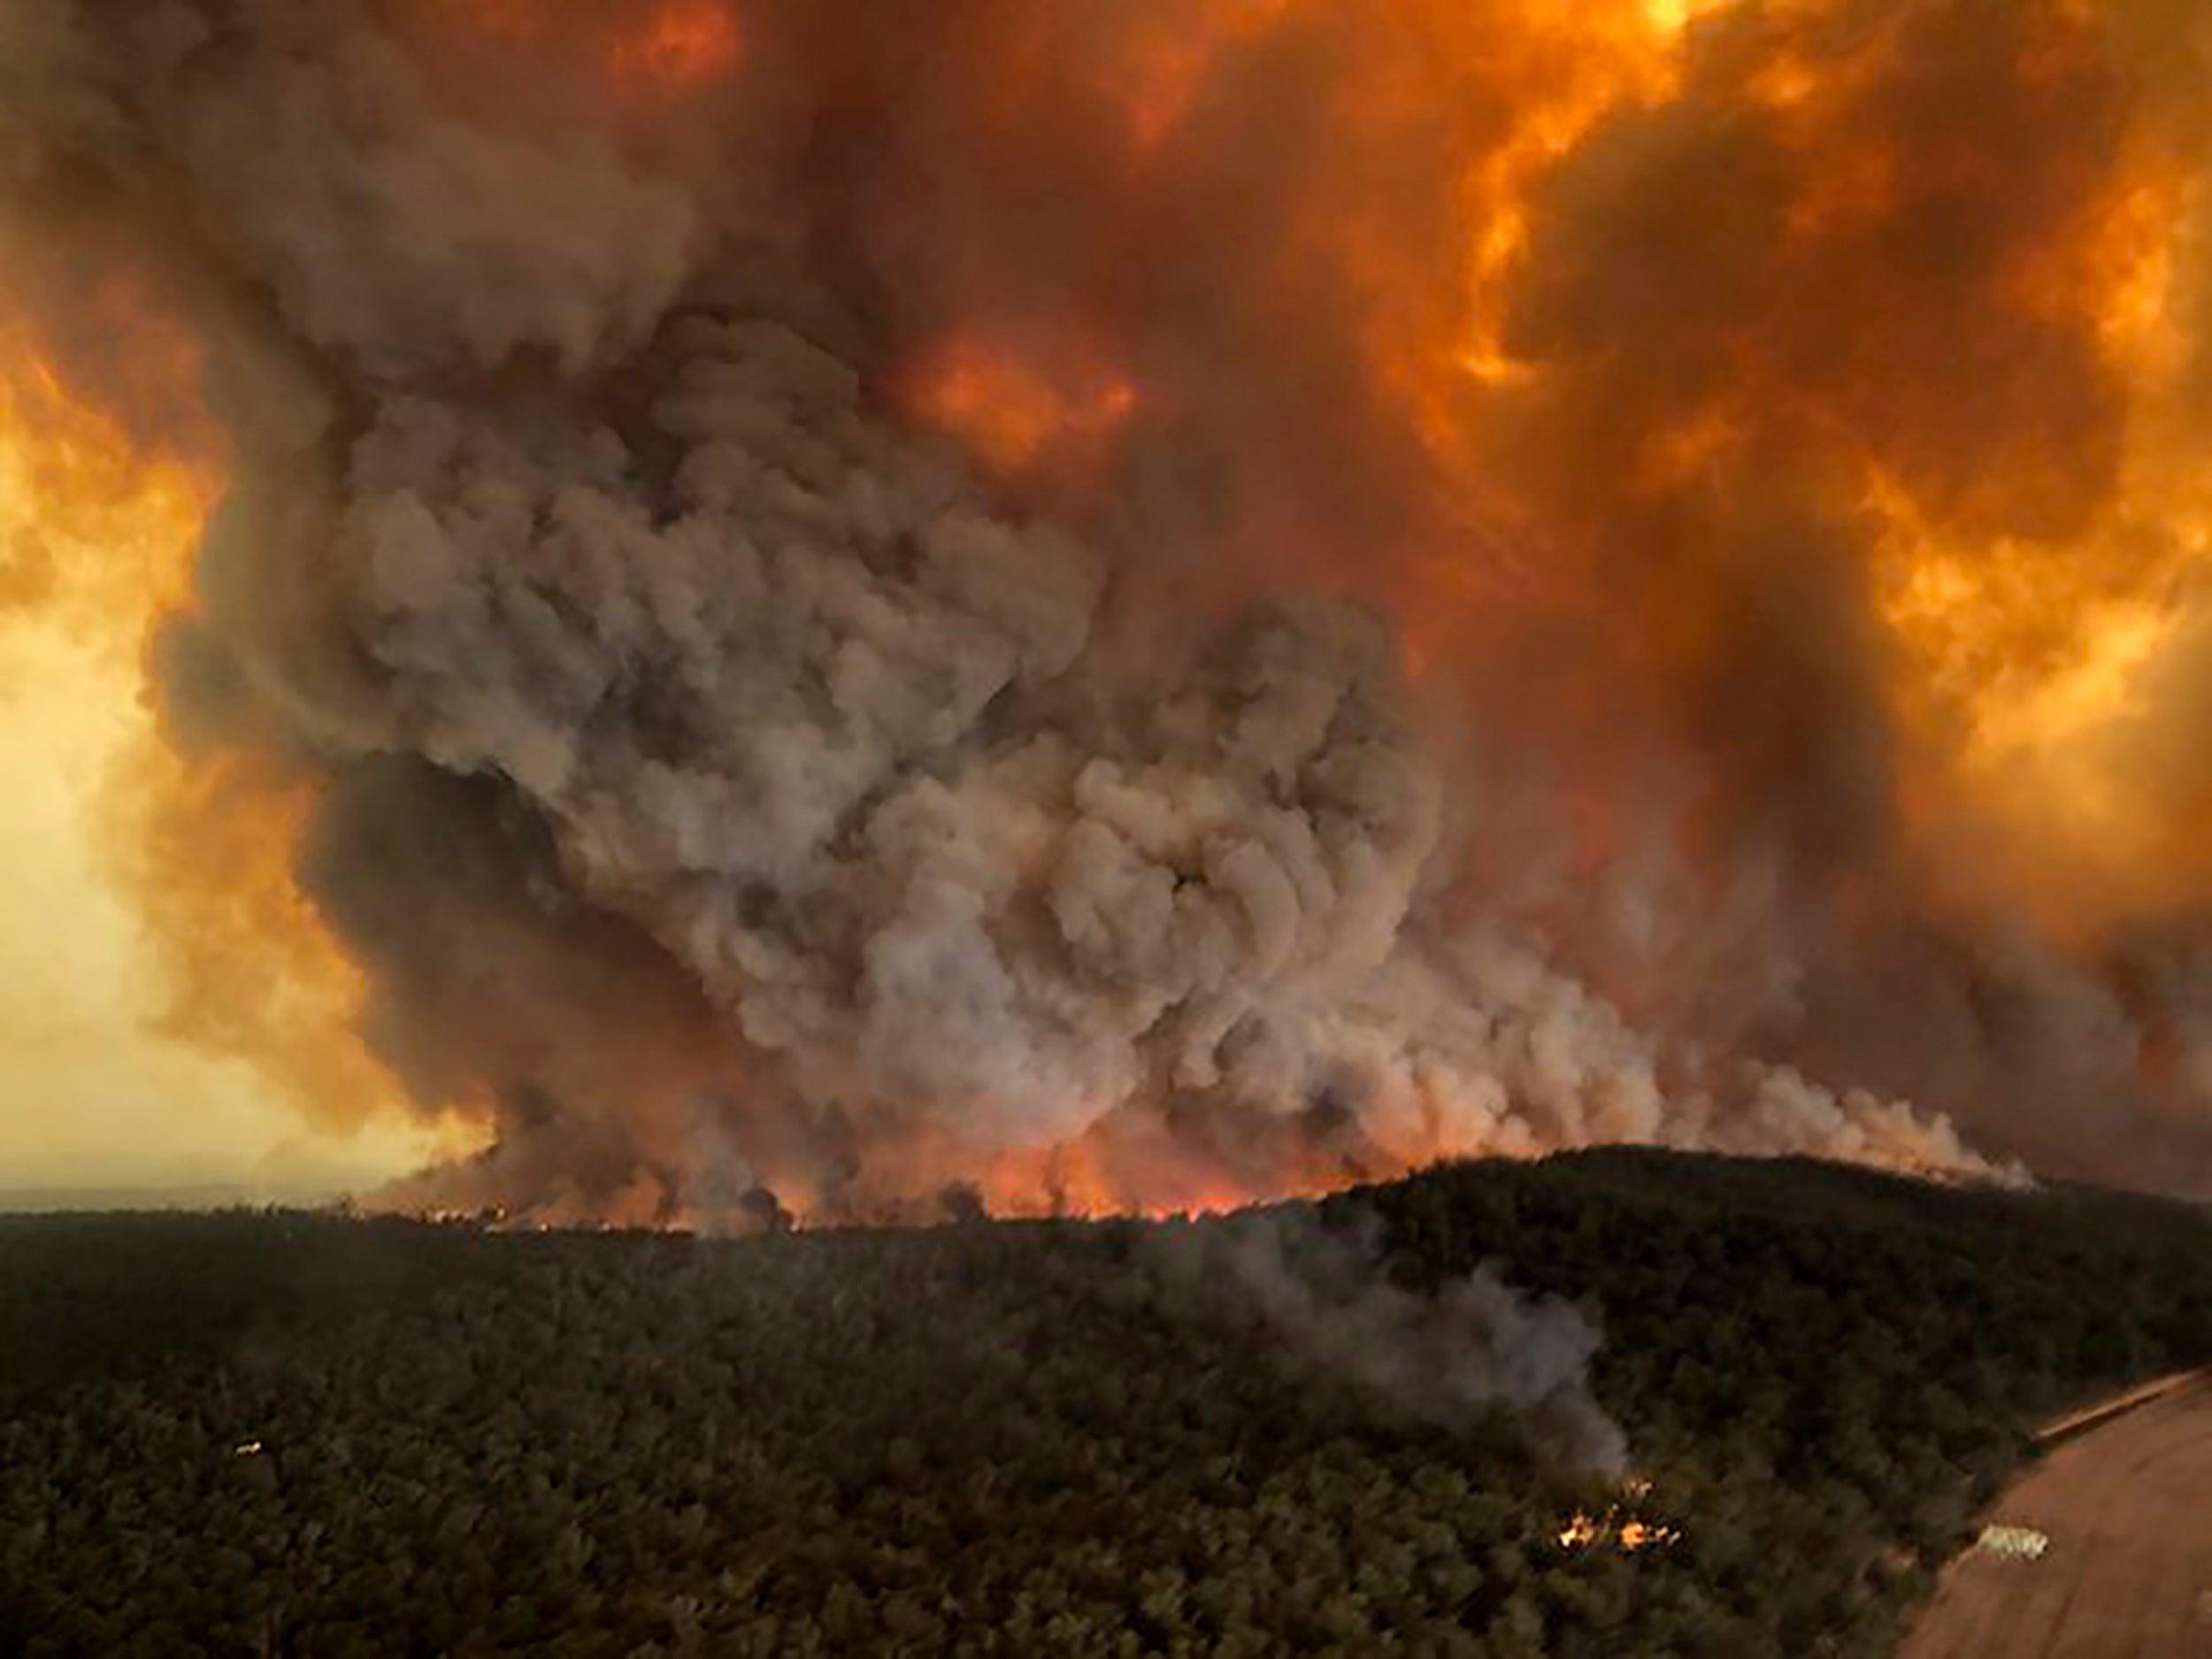 El humo de los incendios de Australia viajó 12.000 kilómetros y ya está en Chile, Argentina y Uruguay